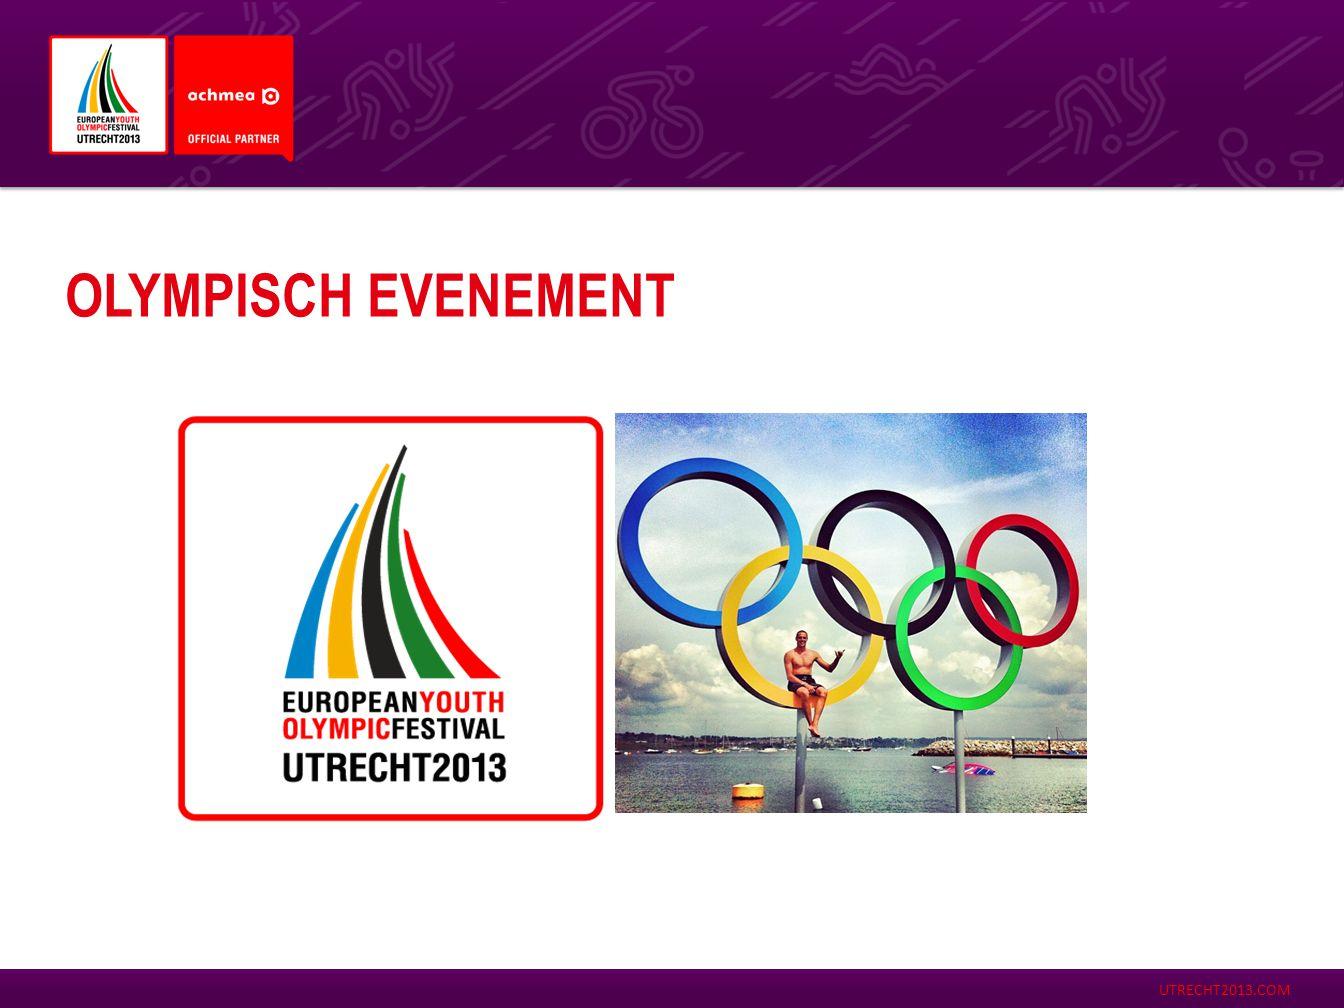 UTRECHT2013.COM OLYMPISCHE TRADITIES  Openingscerenomie in Galgenwaard  2 Olympische Dorpen  Olympisch Vuur  Mascotte